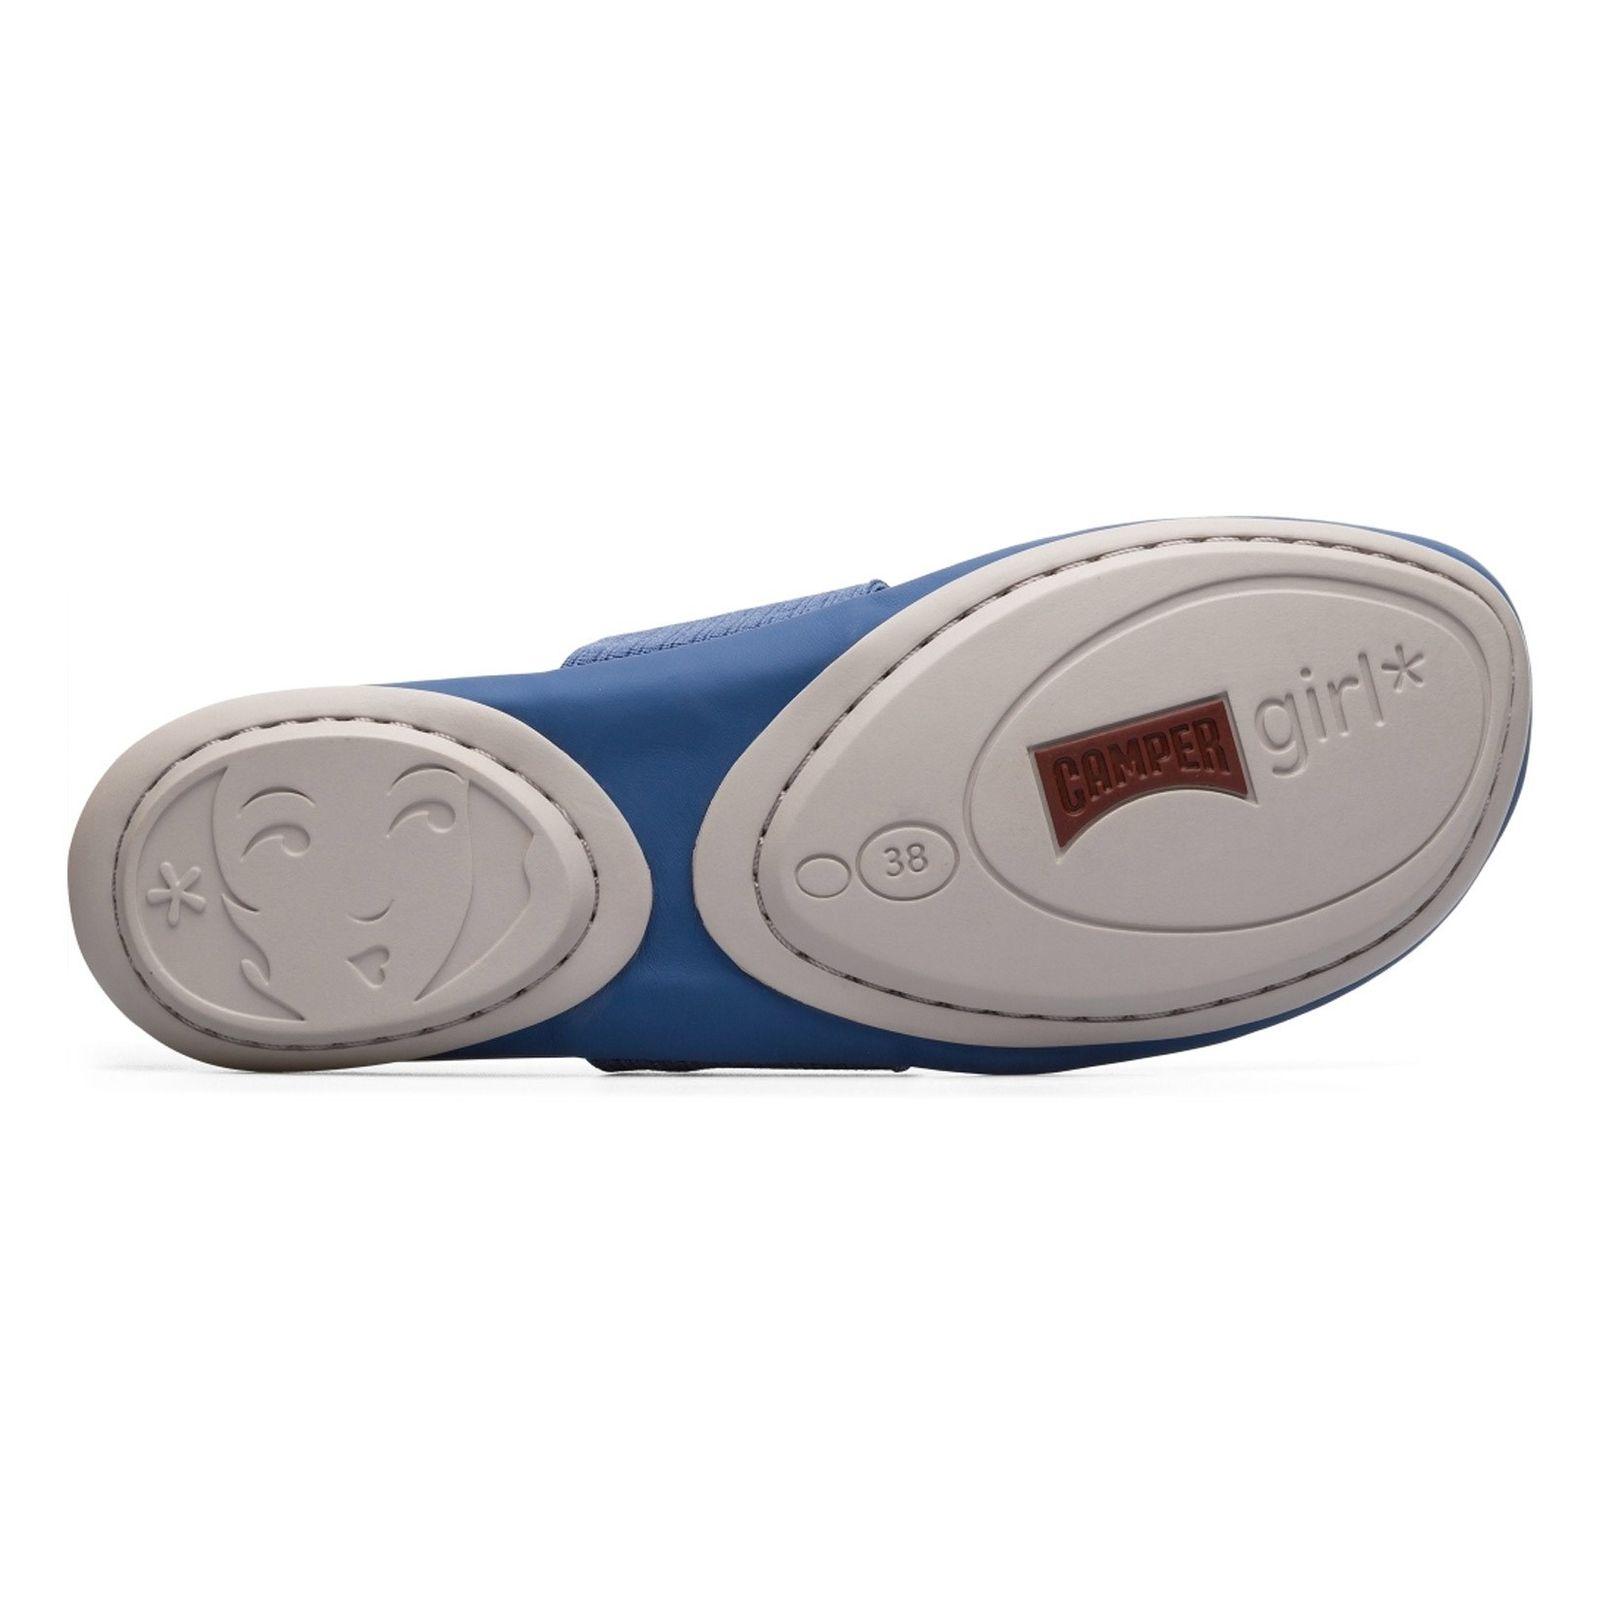 کفش تخت چرم زنانه - کمپر - آبي - 2